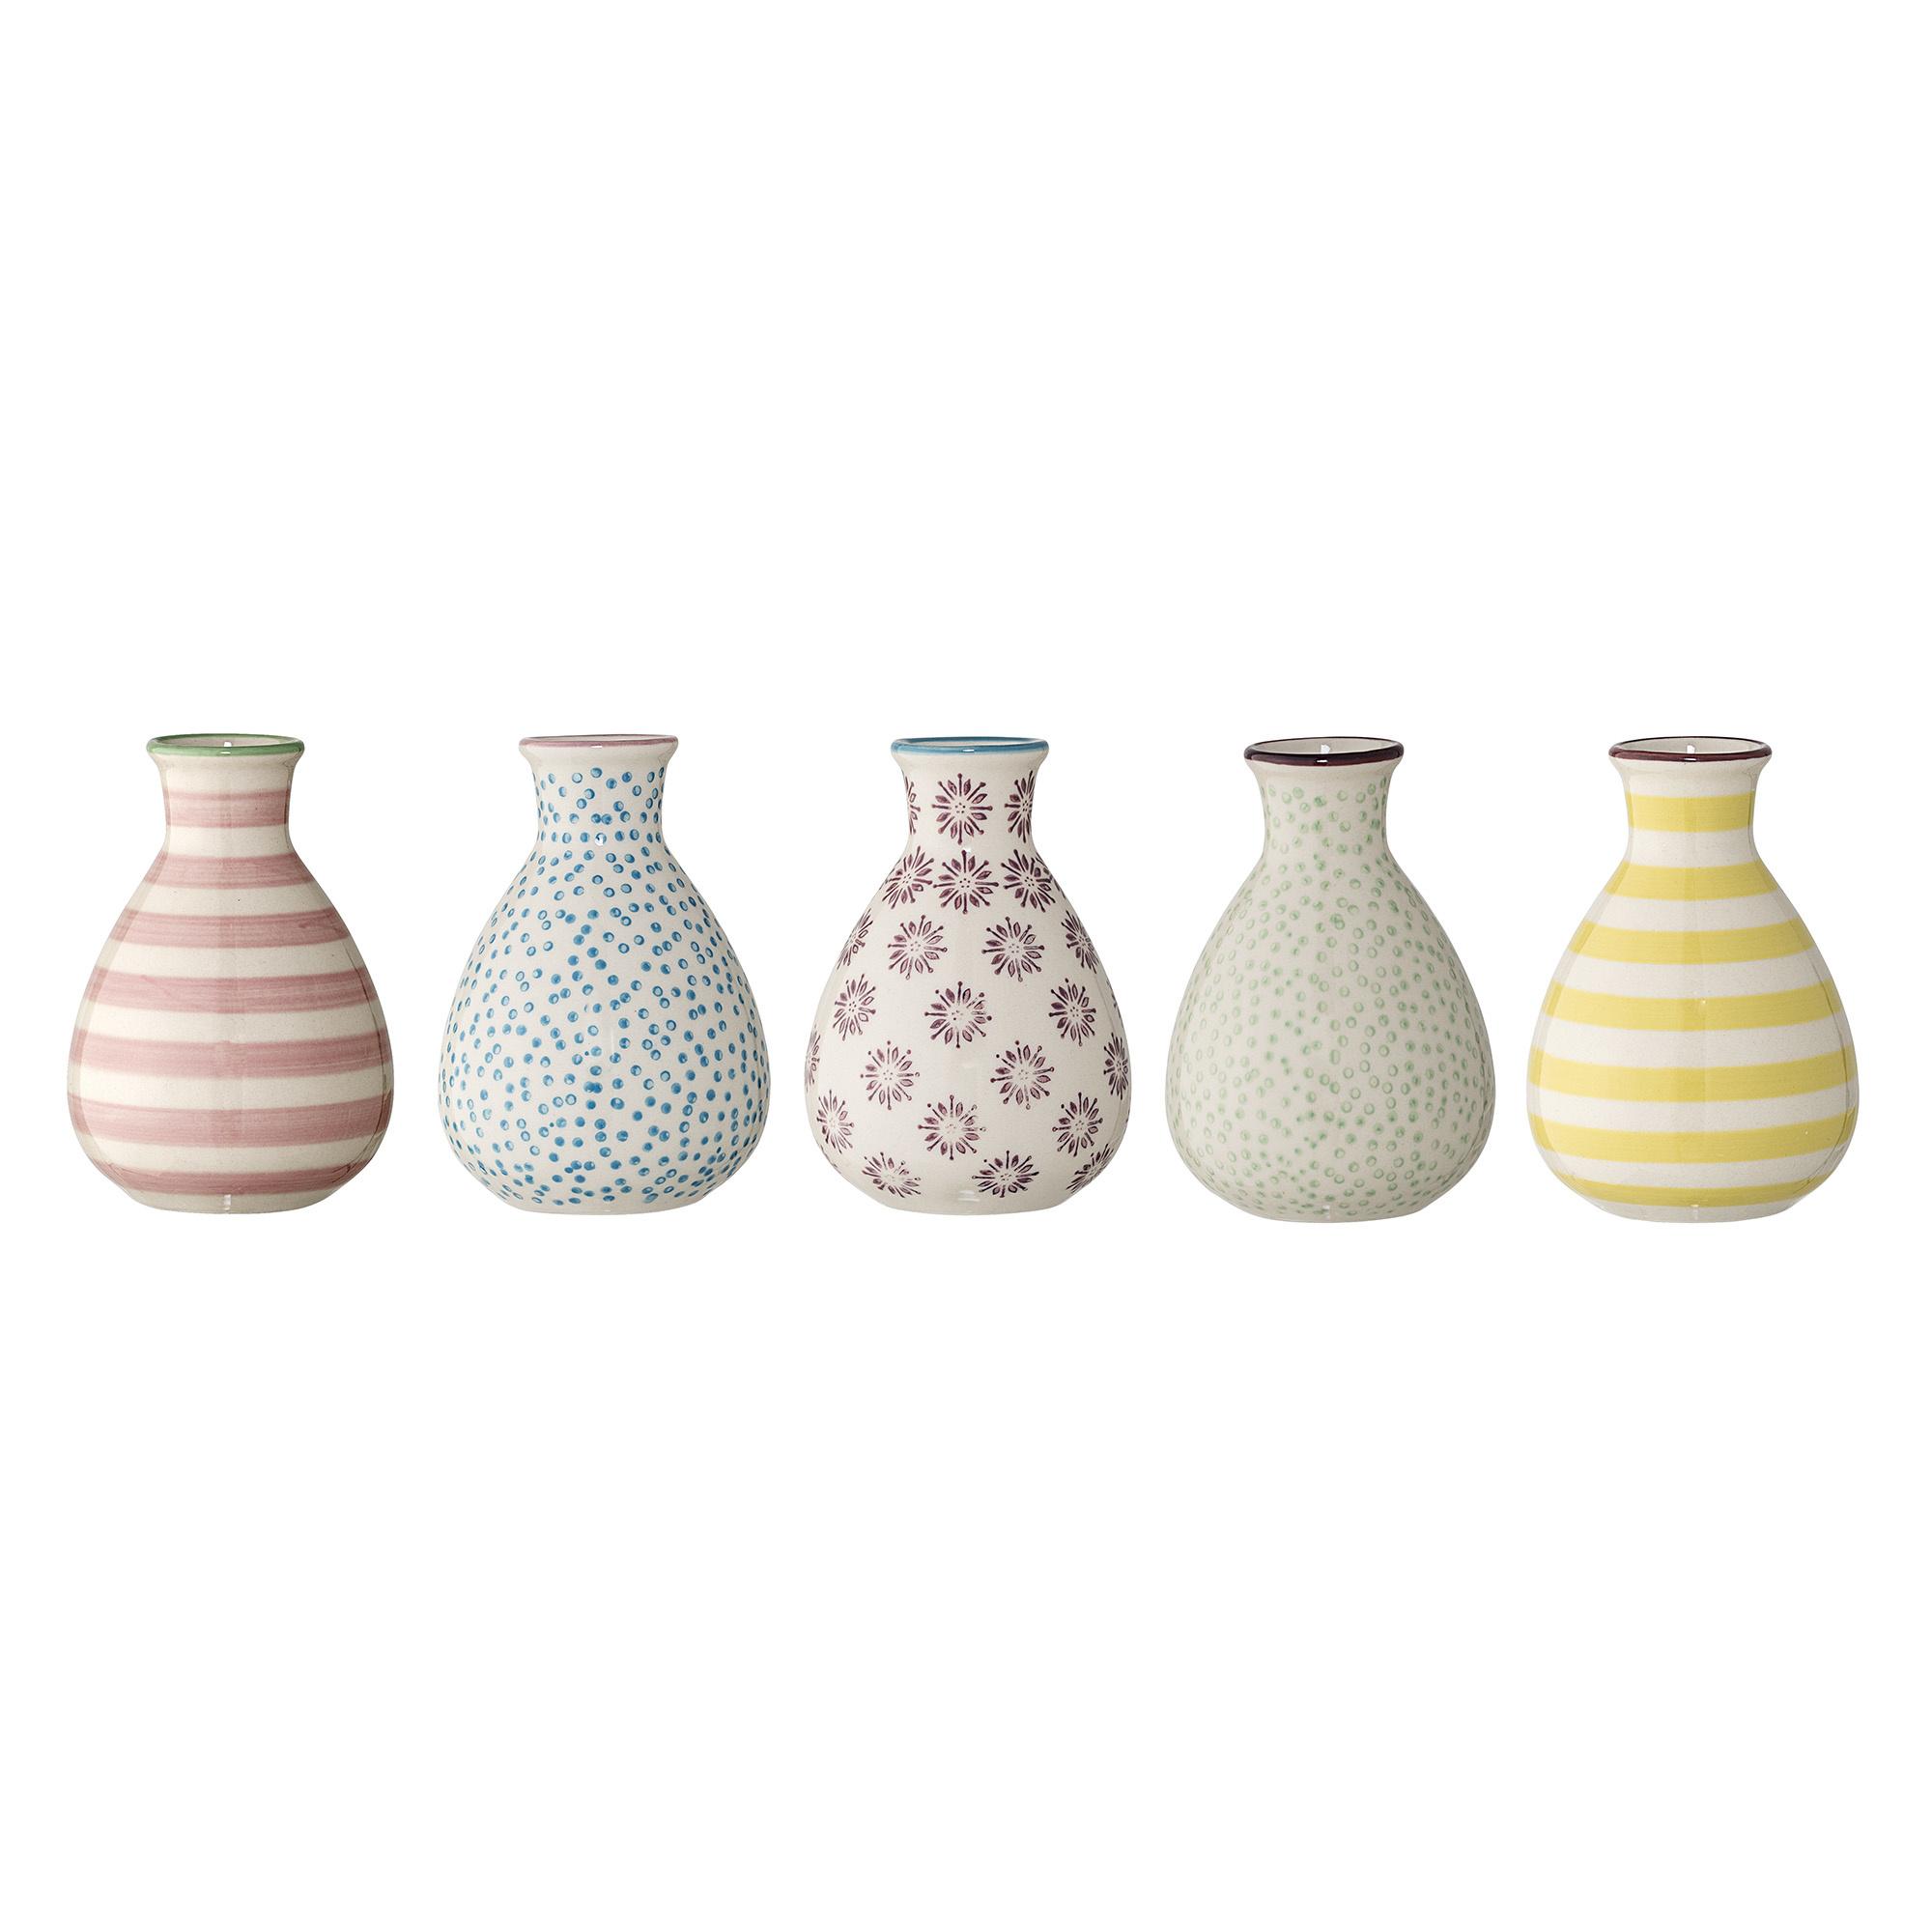 Ibi Vase - Stoneware - Set of 5-1